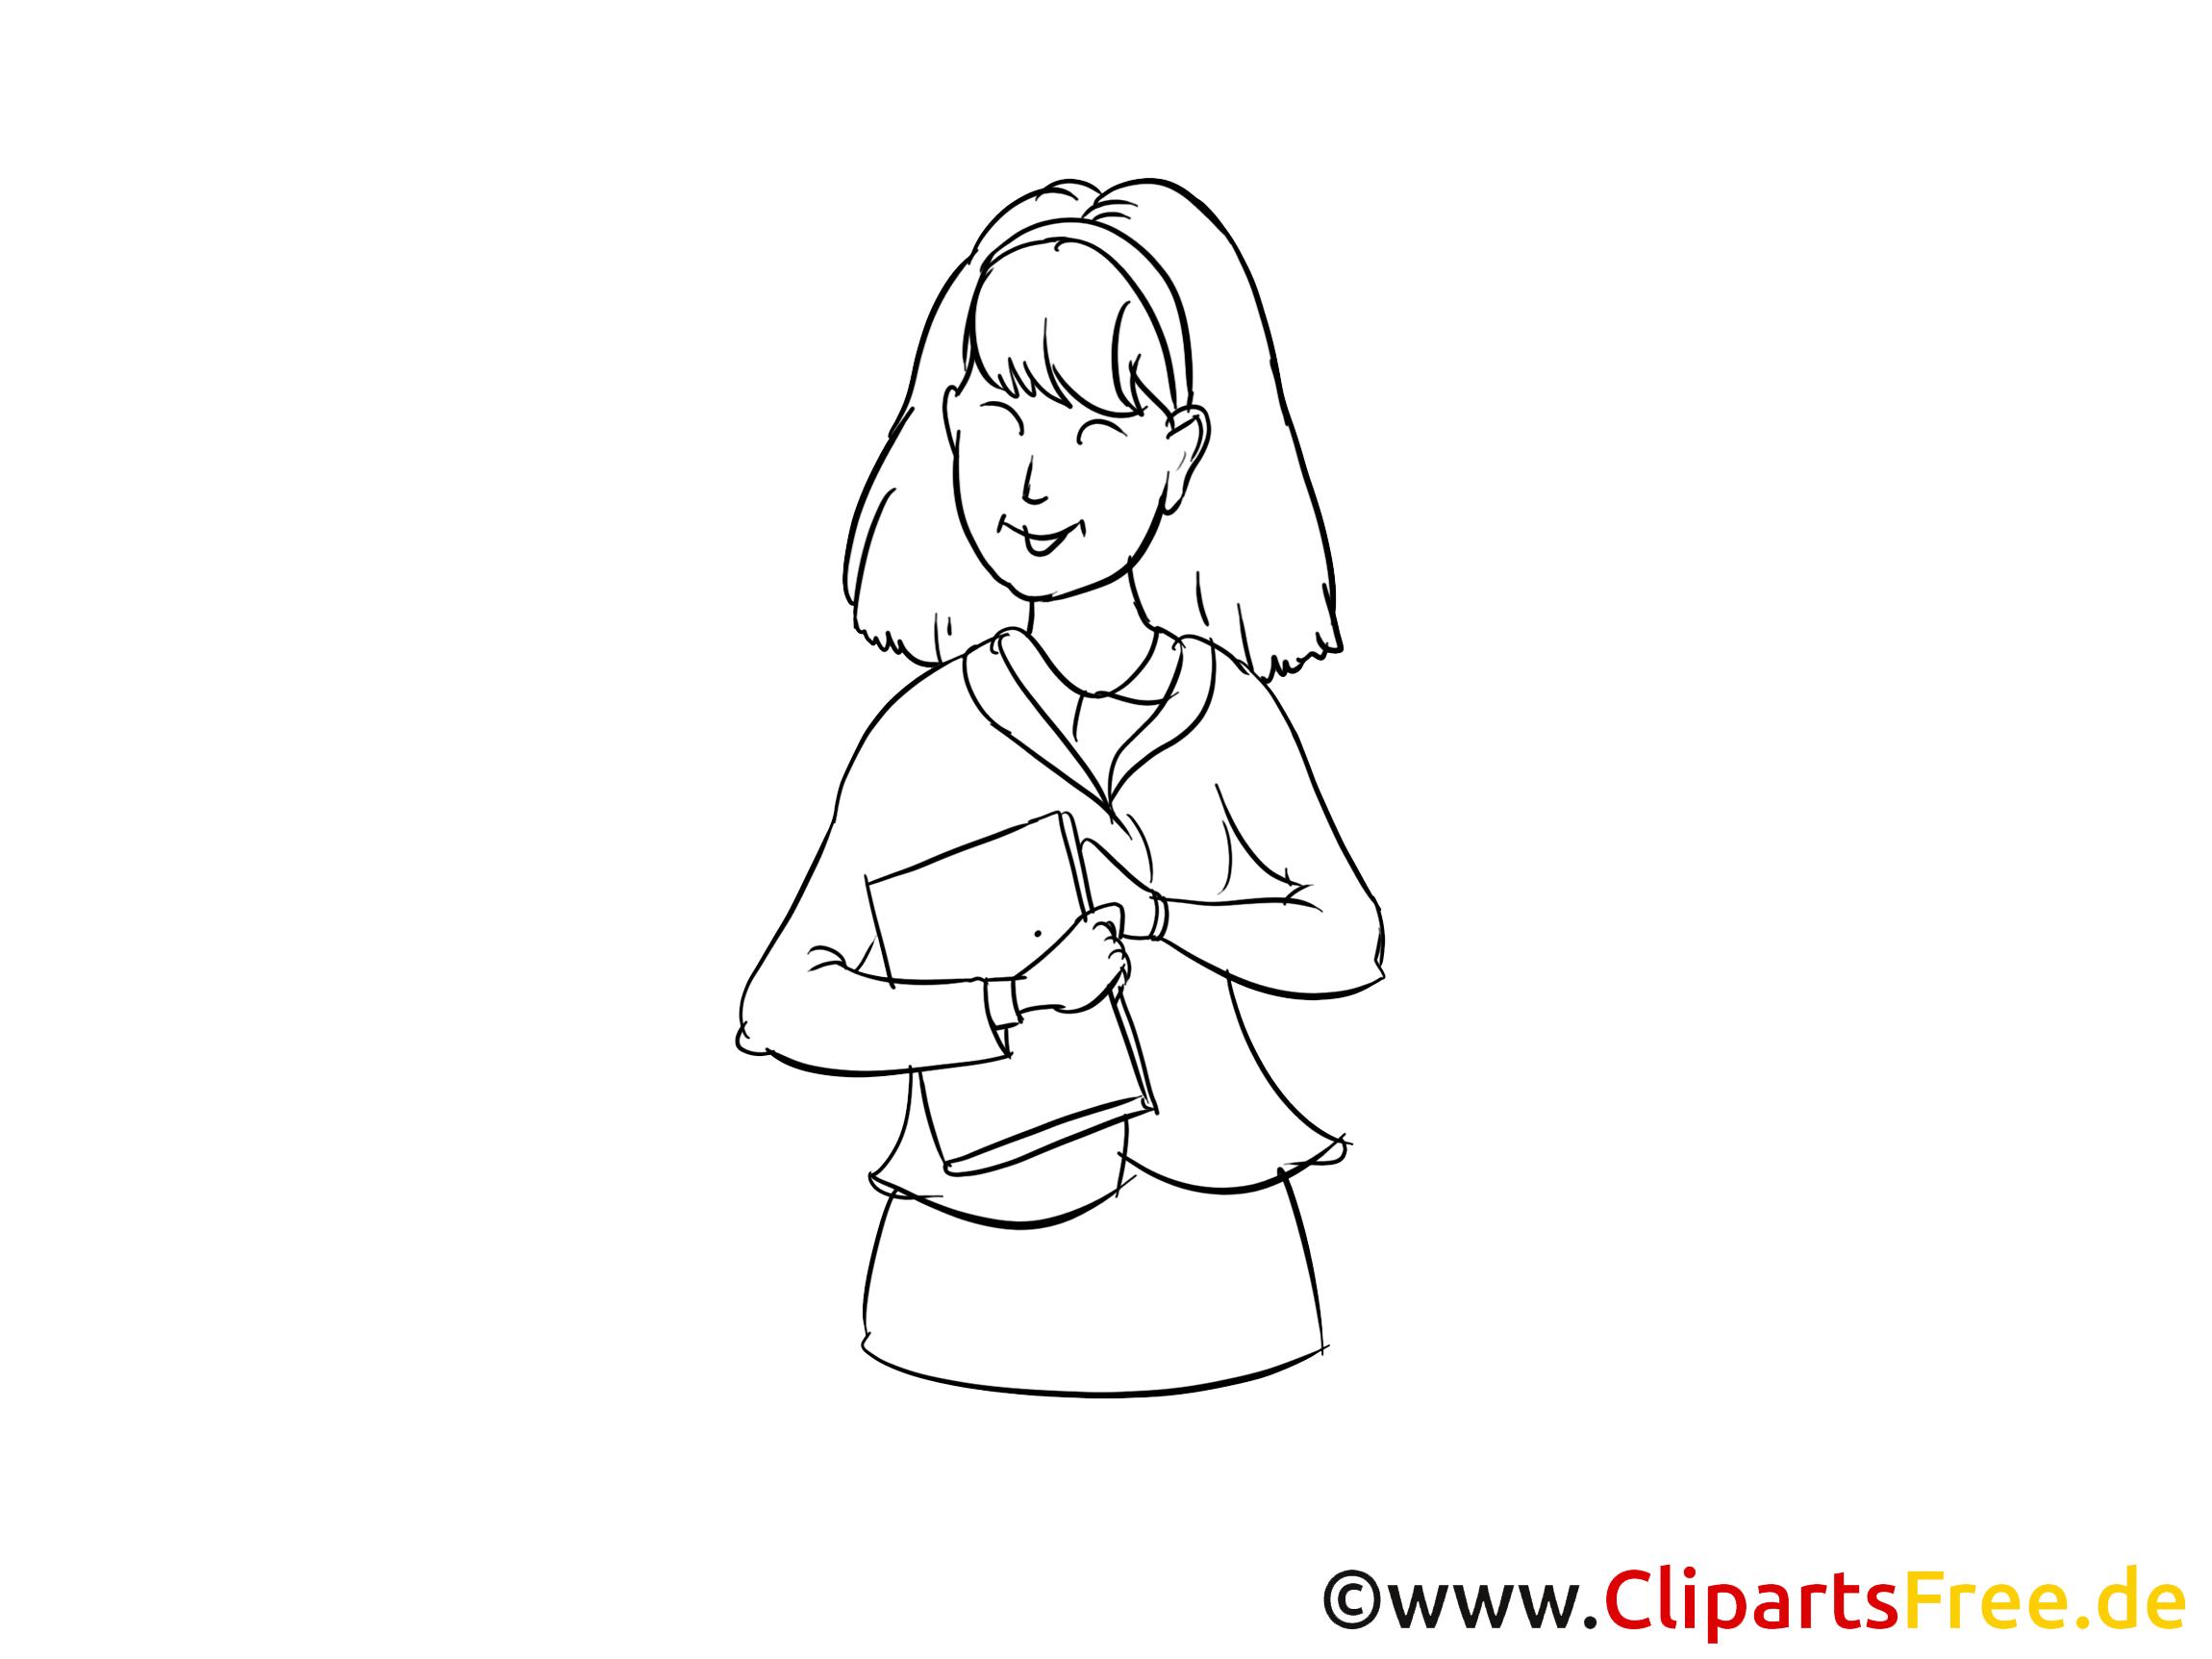 Attraktive Frau Clipart, Bild, Zeichnung